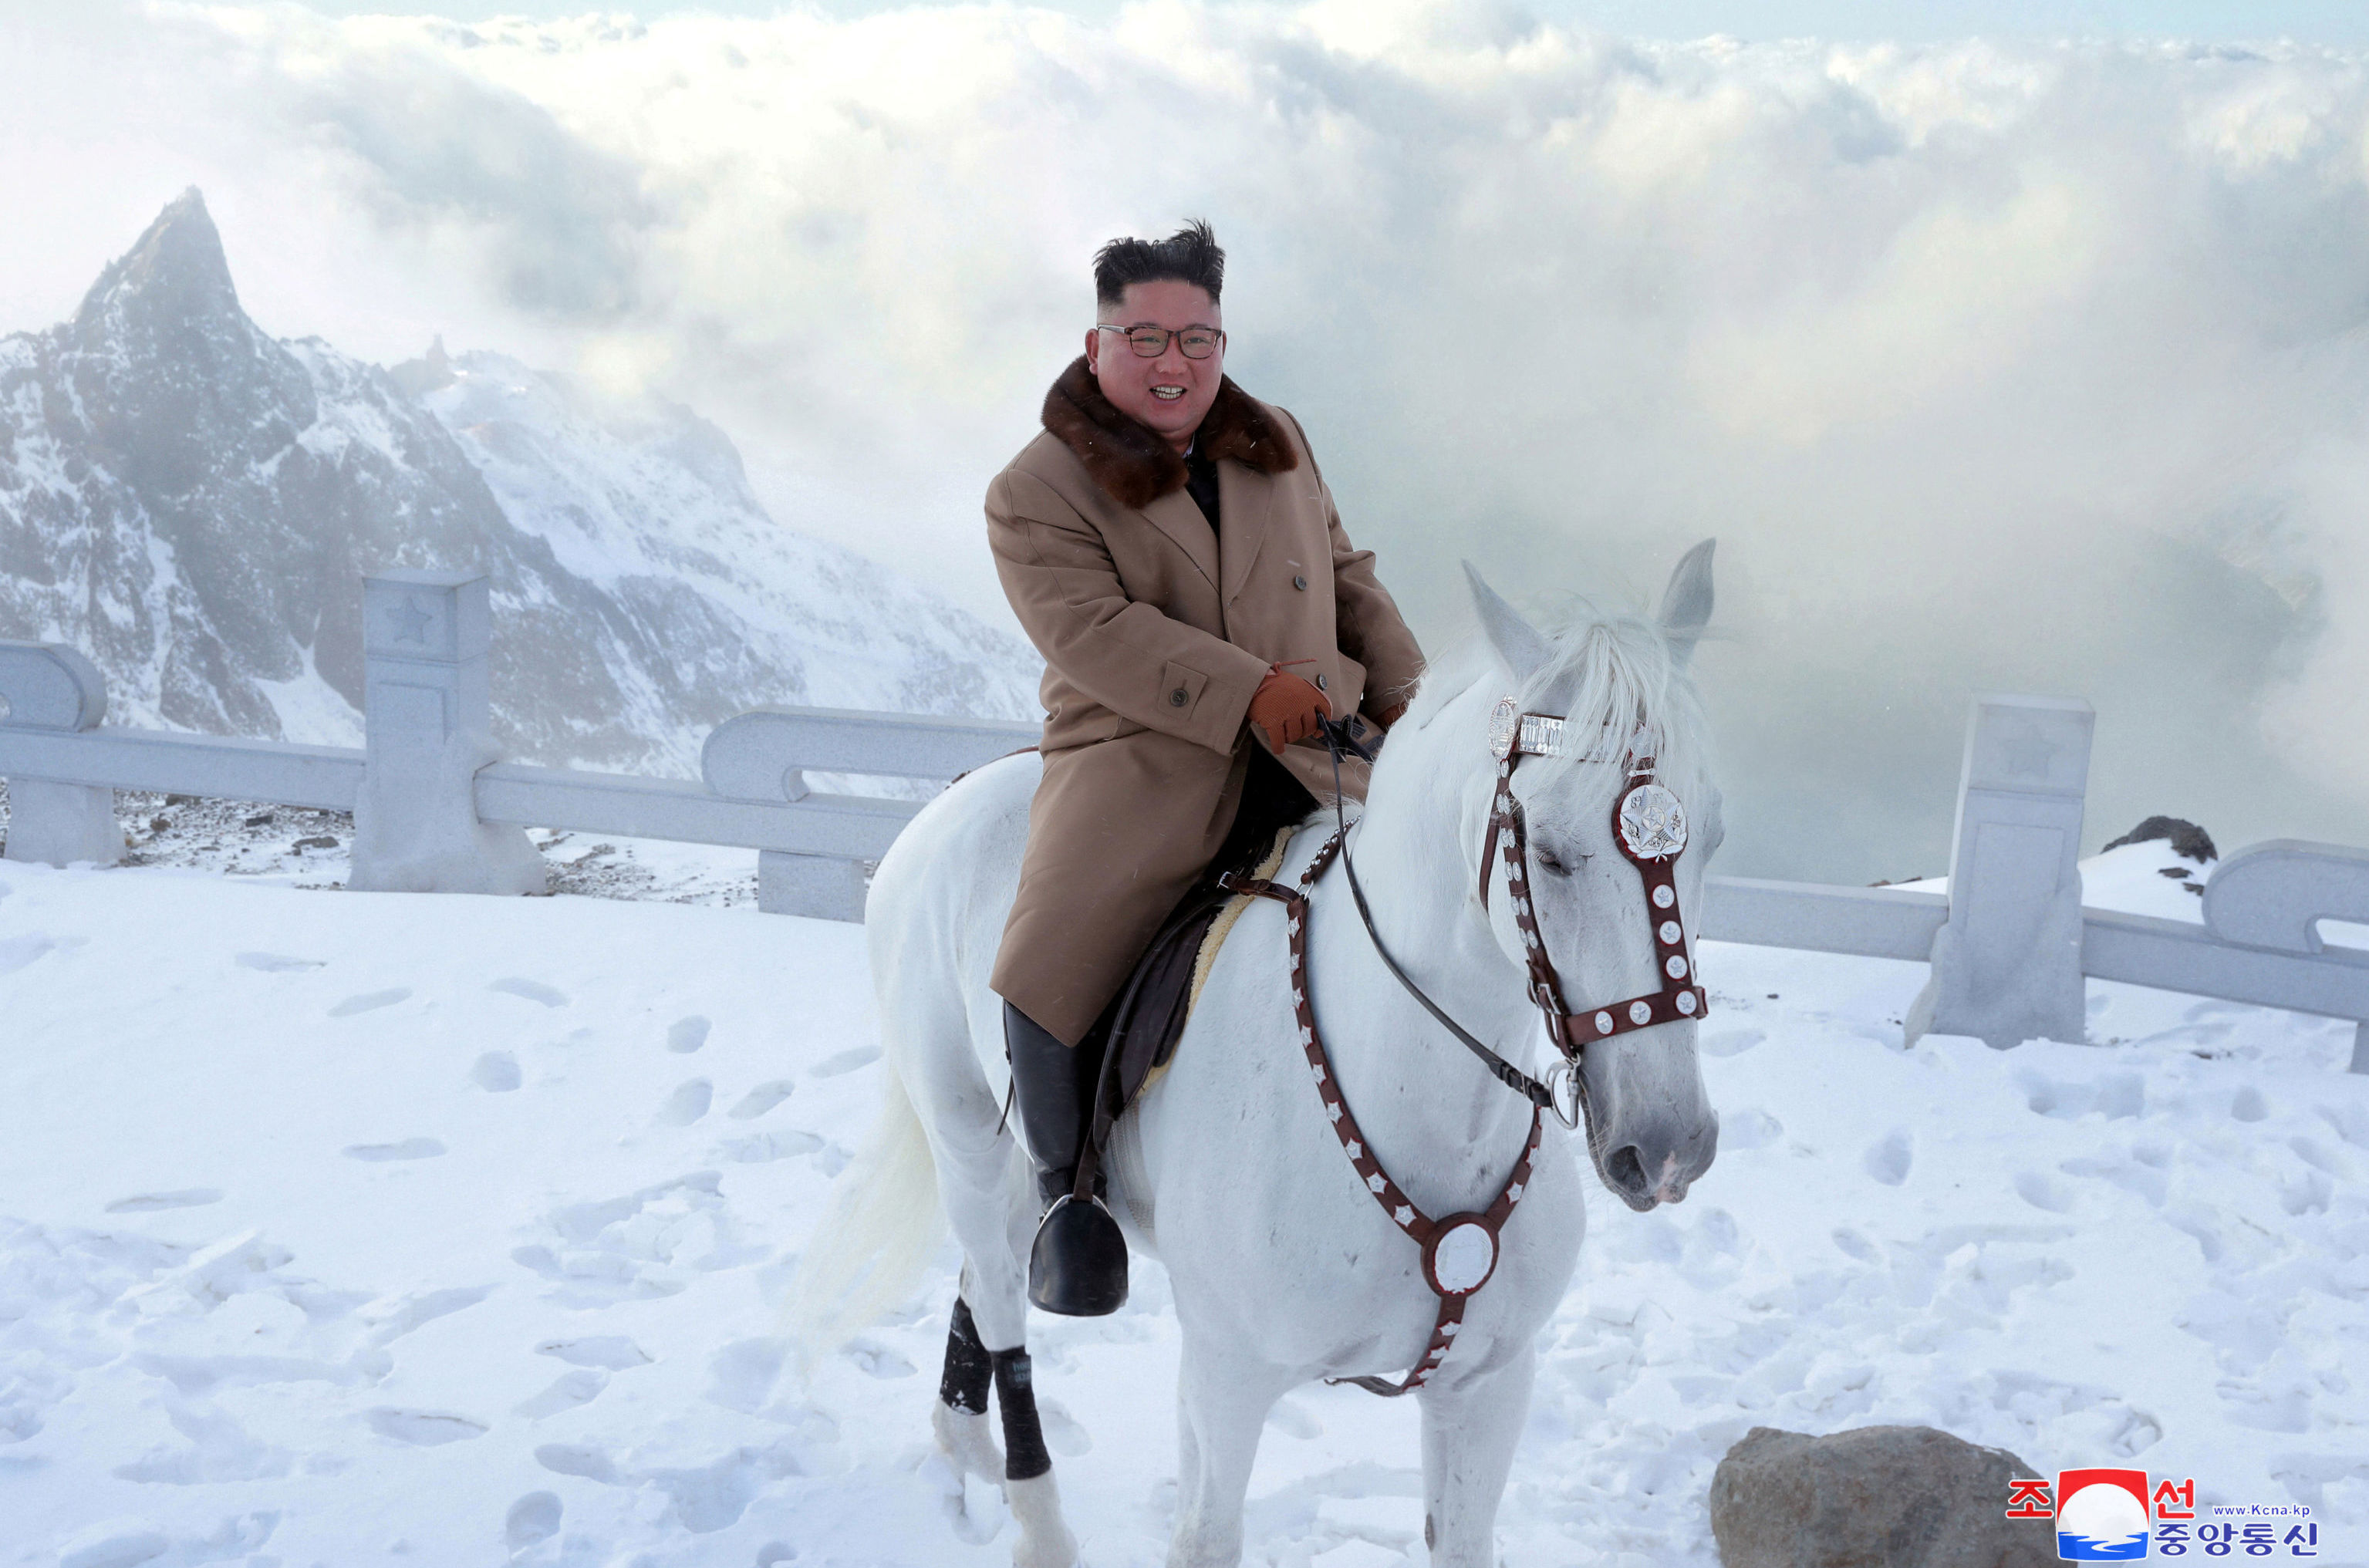 Kim Jong-un não poupa o corte de cabelo para fazer uma visita ao local de nascimento do seu pai, de acordo com as autoridades do país